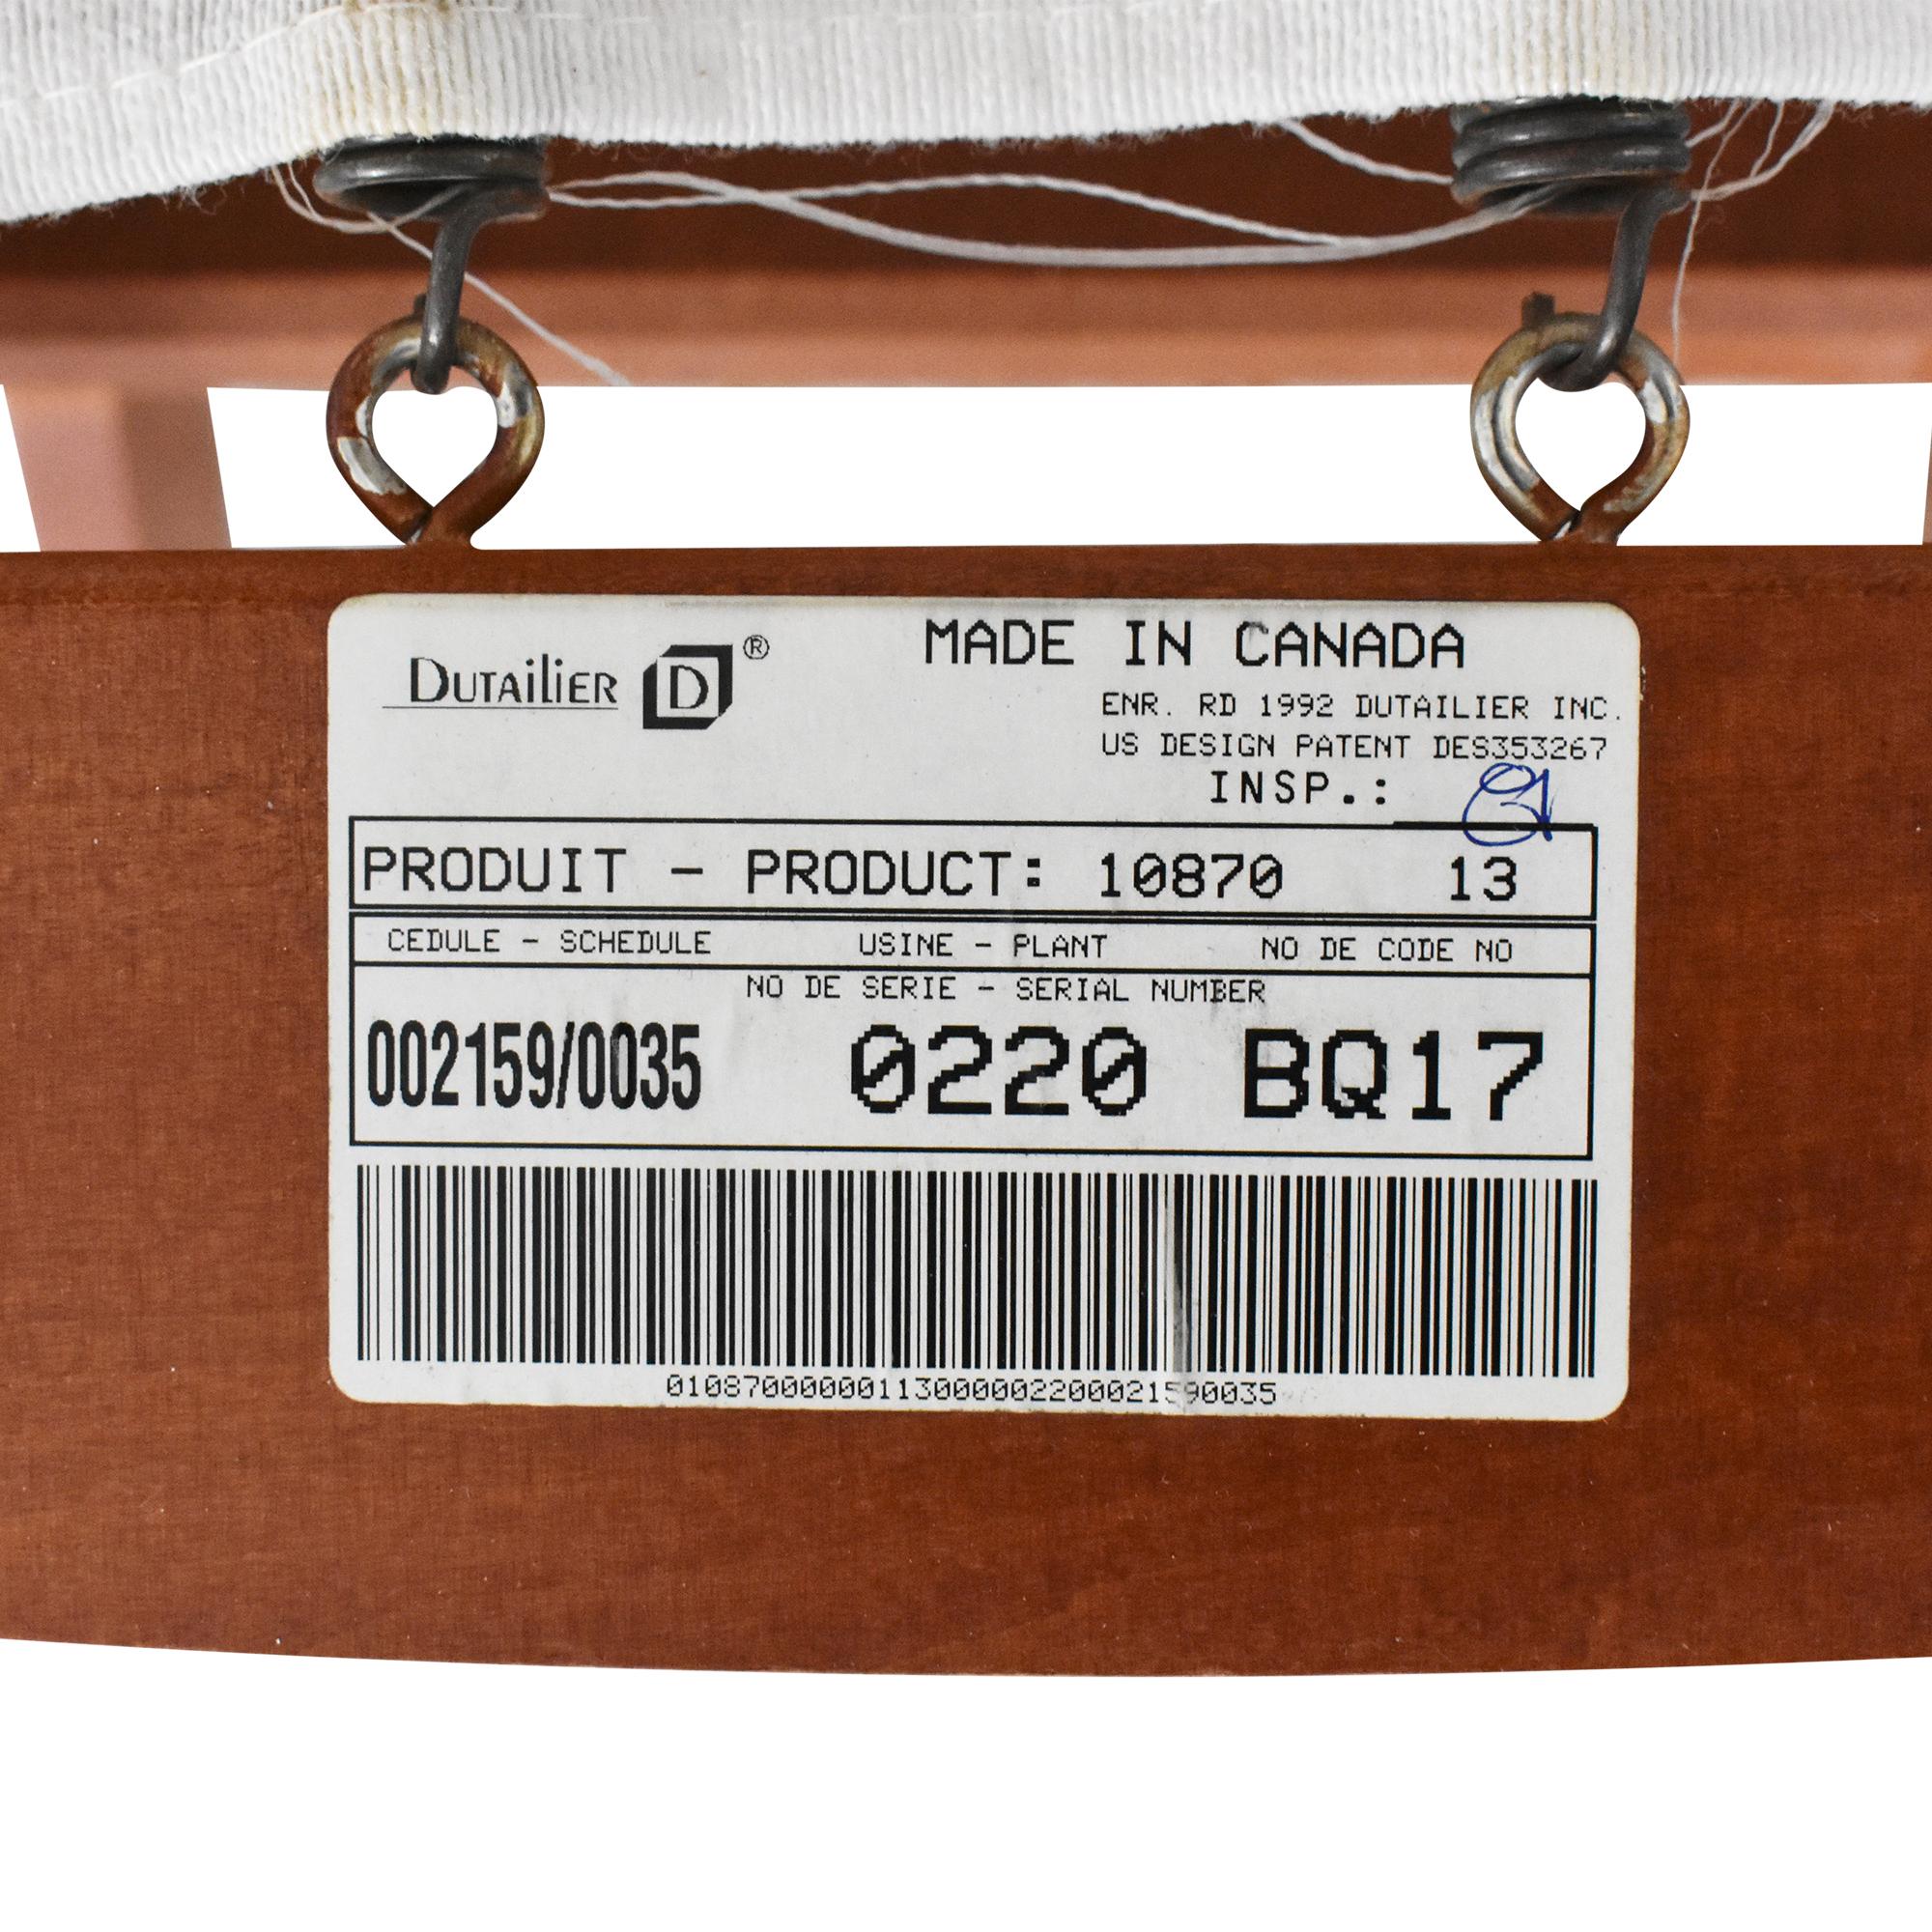 Dutailier Dutailier Archback Glider for sale